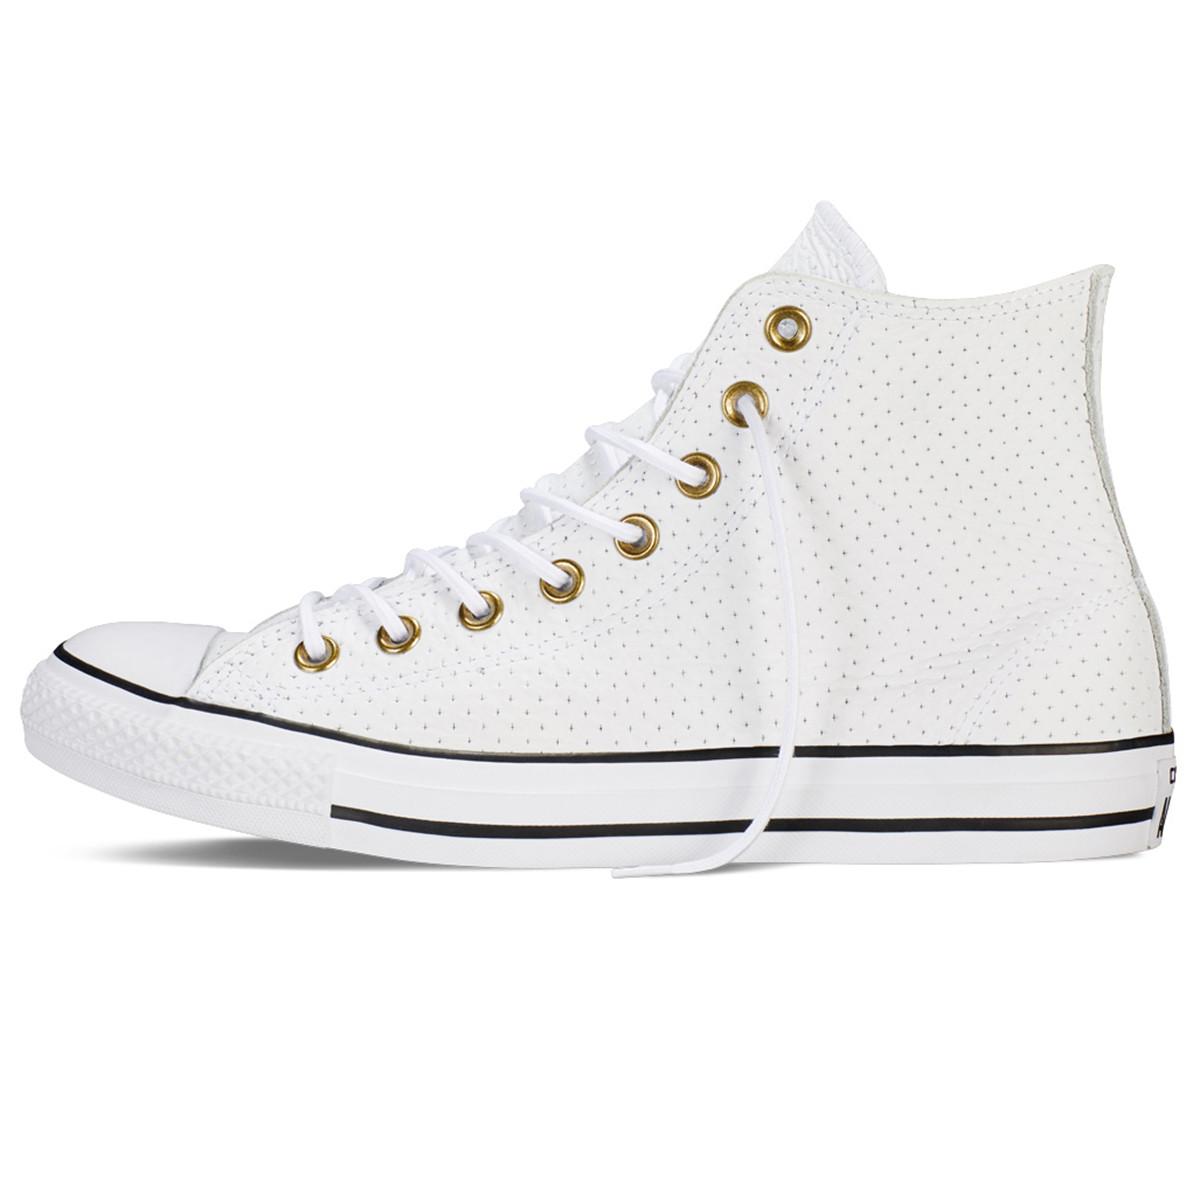 violet Converse CTAS Hi Chaussure Unisexe Noir Taille 37.5 8 Sandales femme. H6GREn